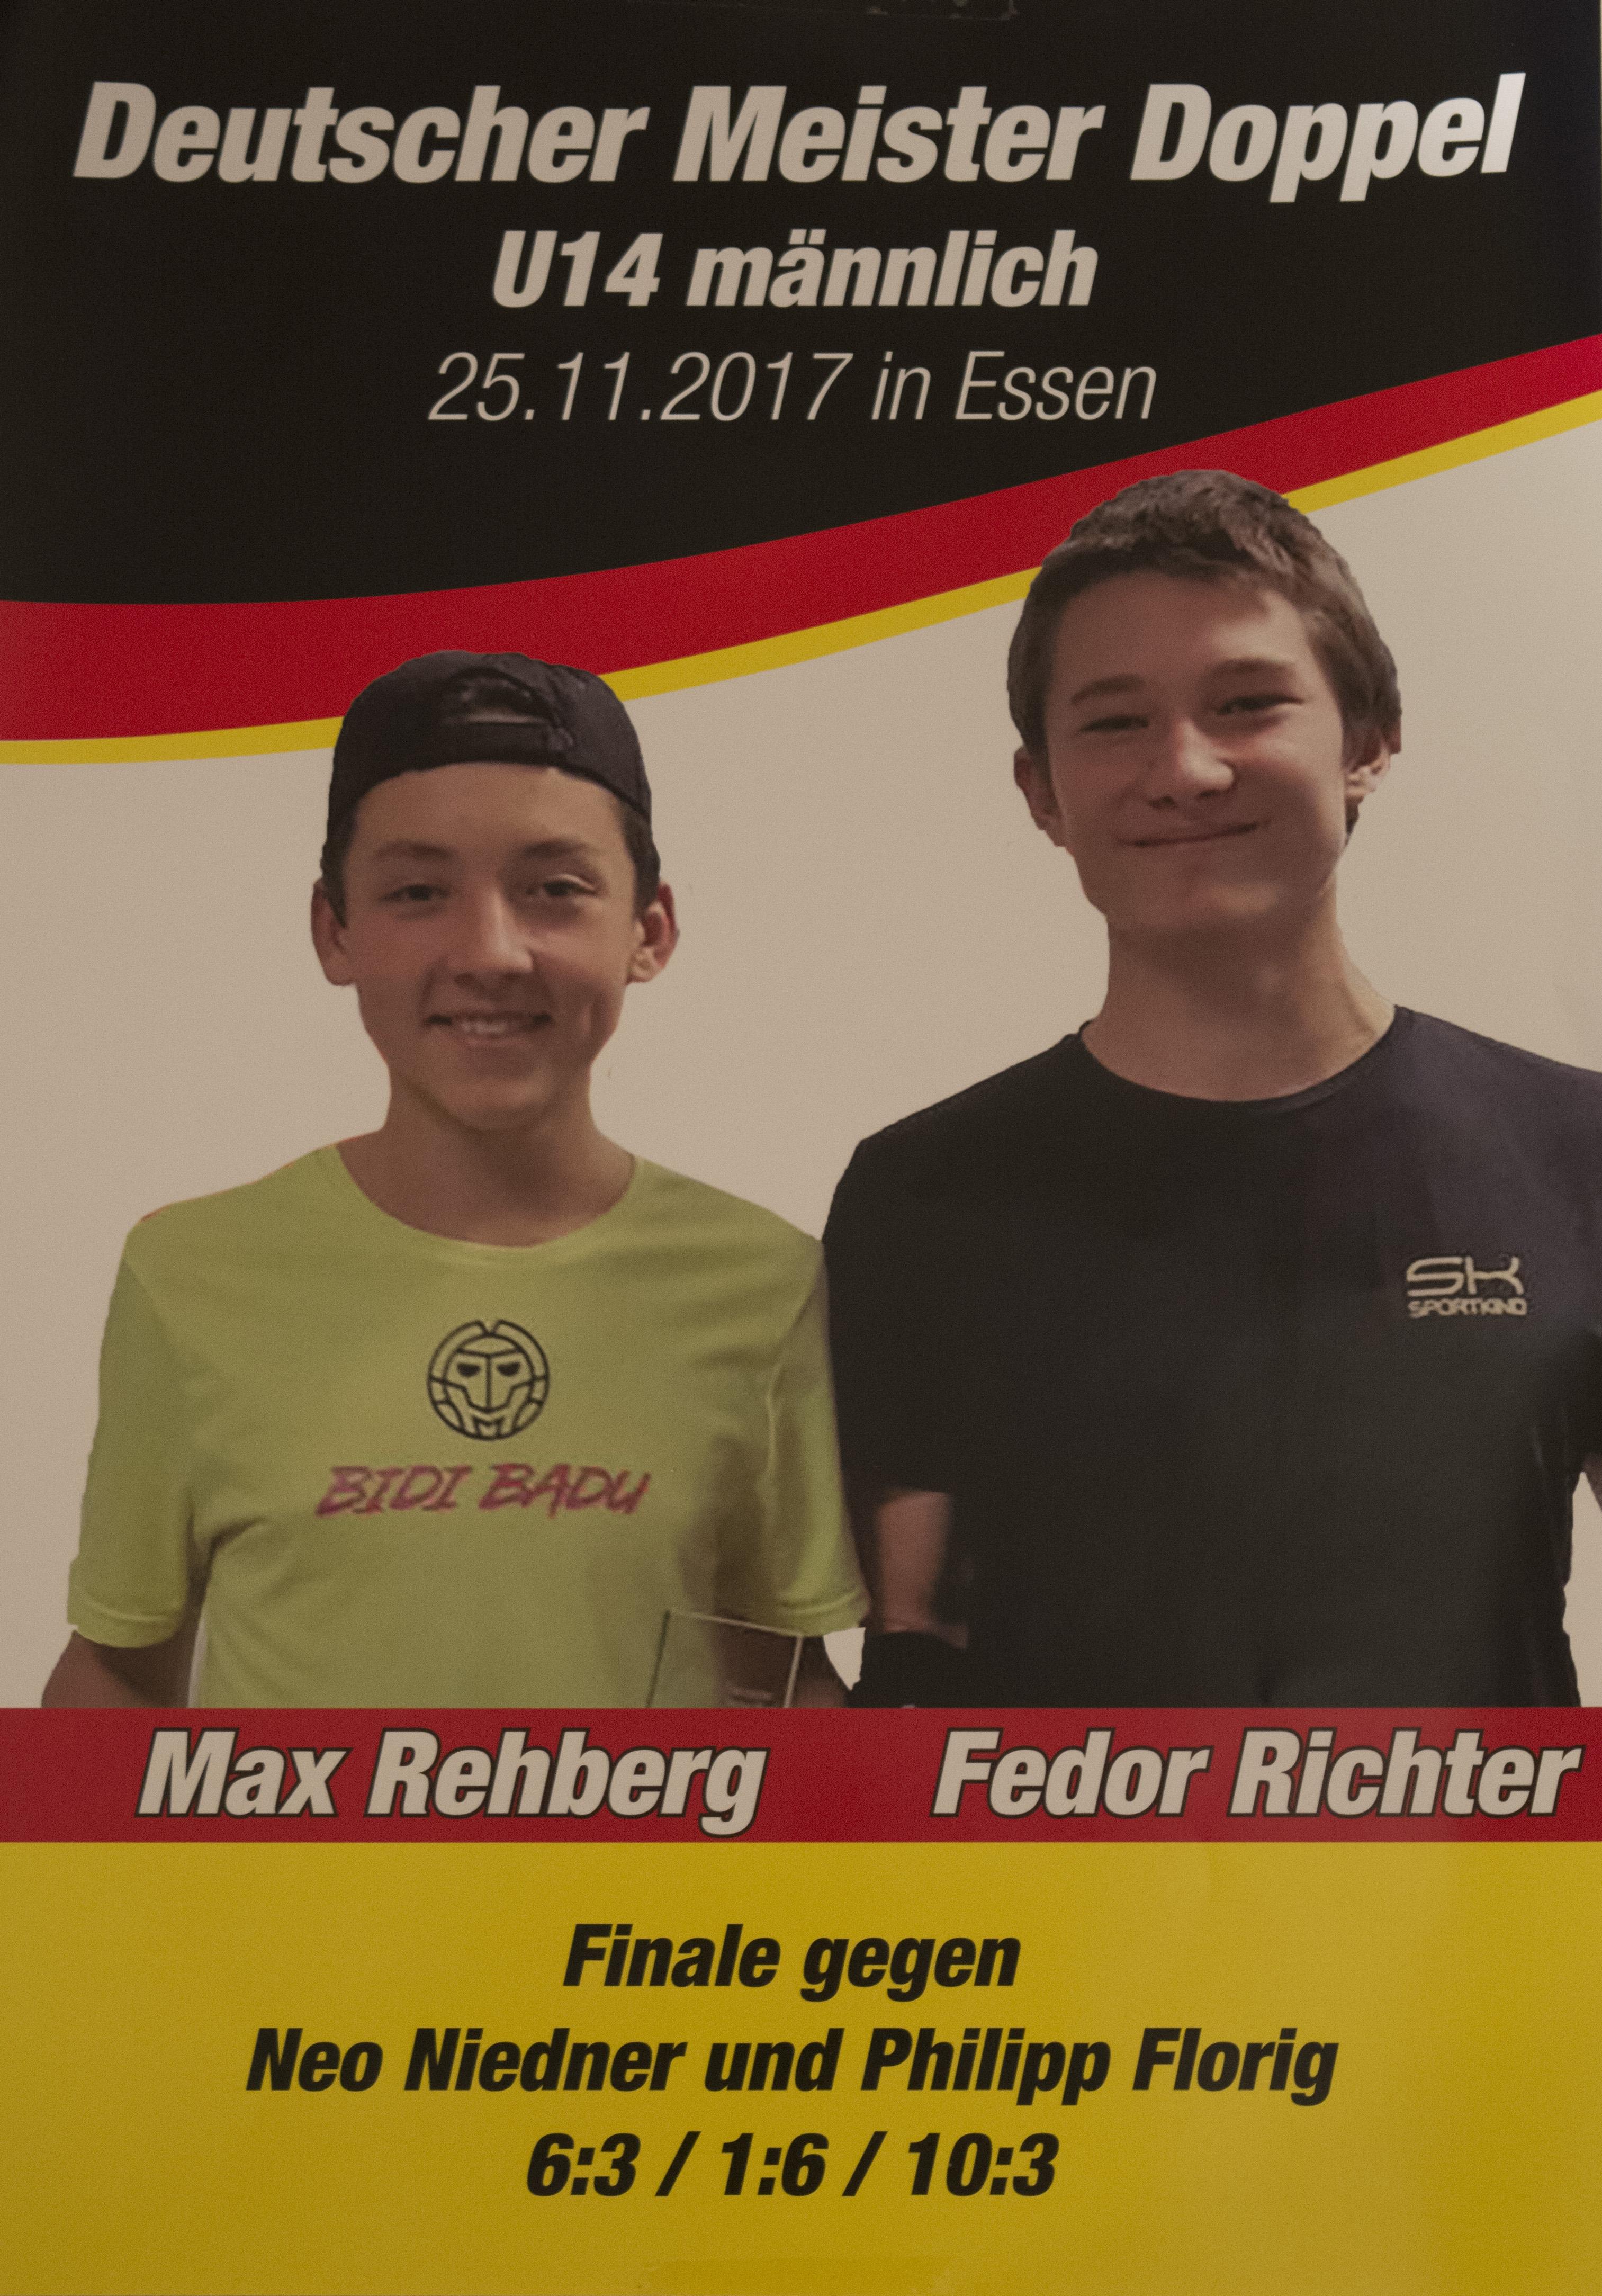 Fedor Richter Deutscher Meister